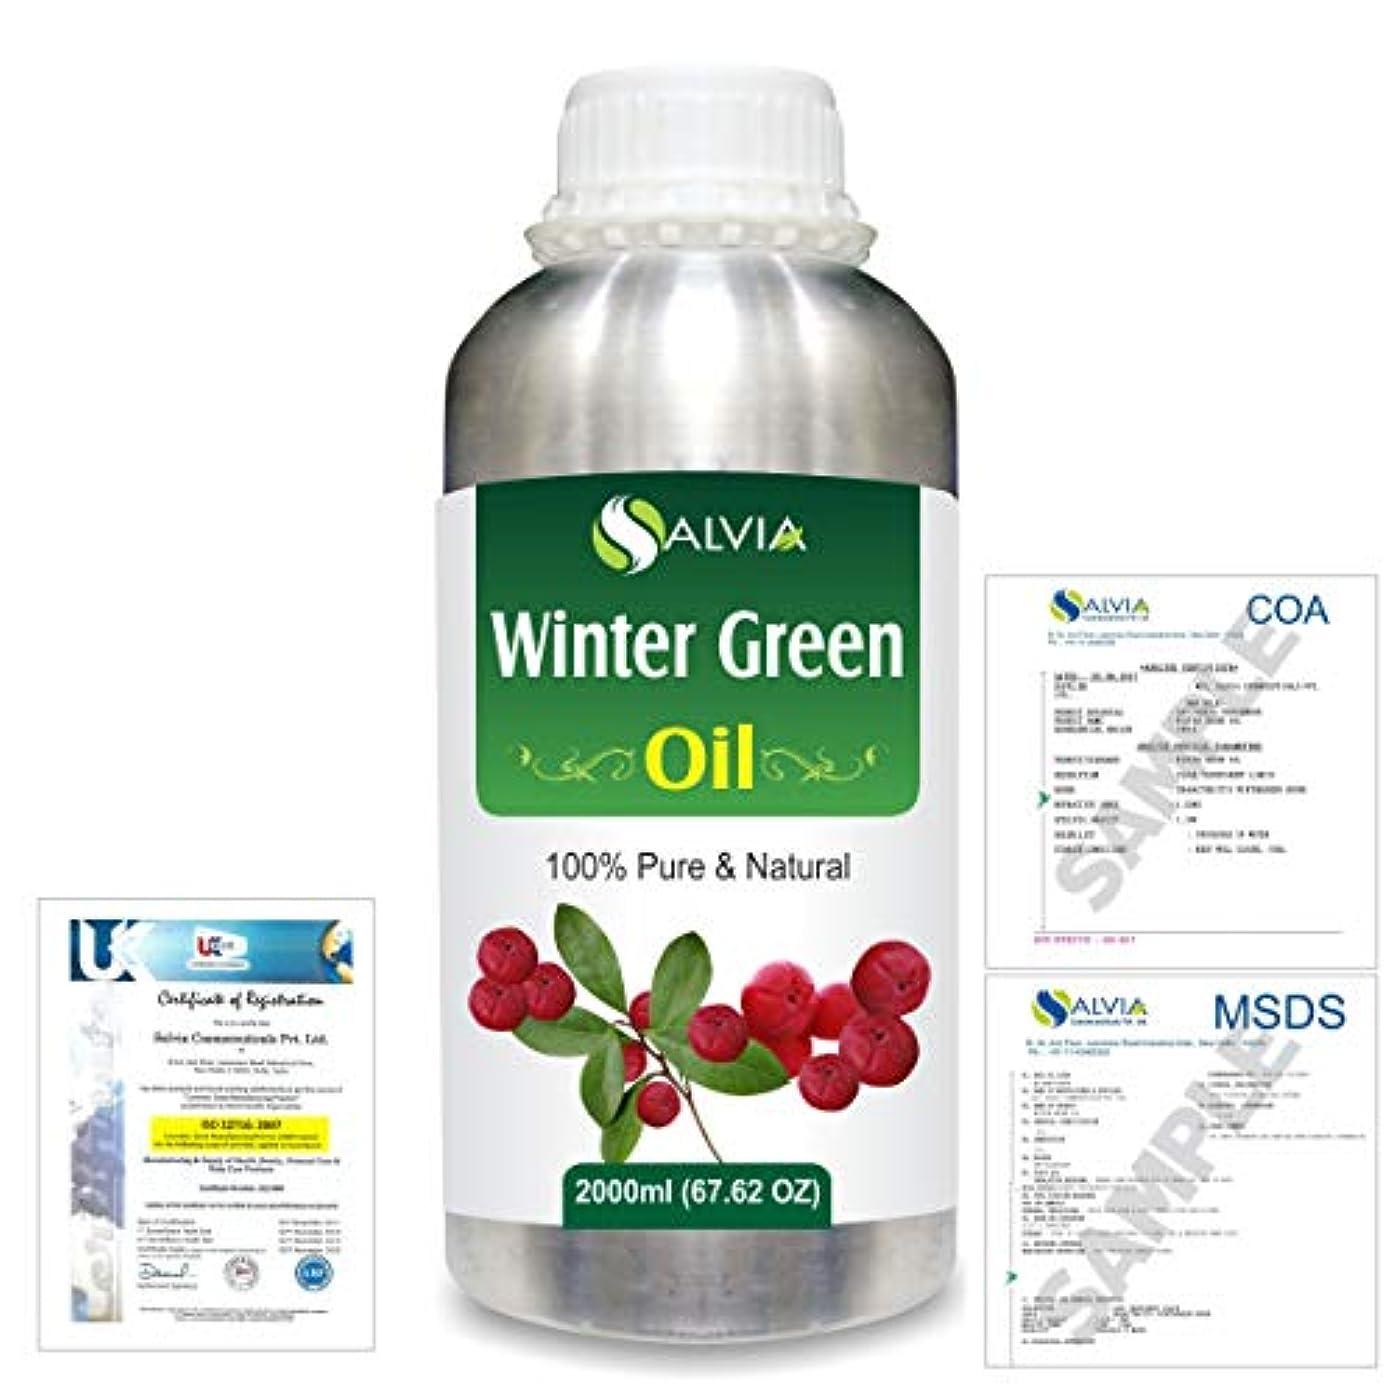 パーク見かけ上オーラルWinter Green(Gaultheria Procumbens) 100% Natural Pure Essential Oil 2000ml/67 fl.oz.